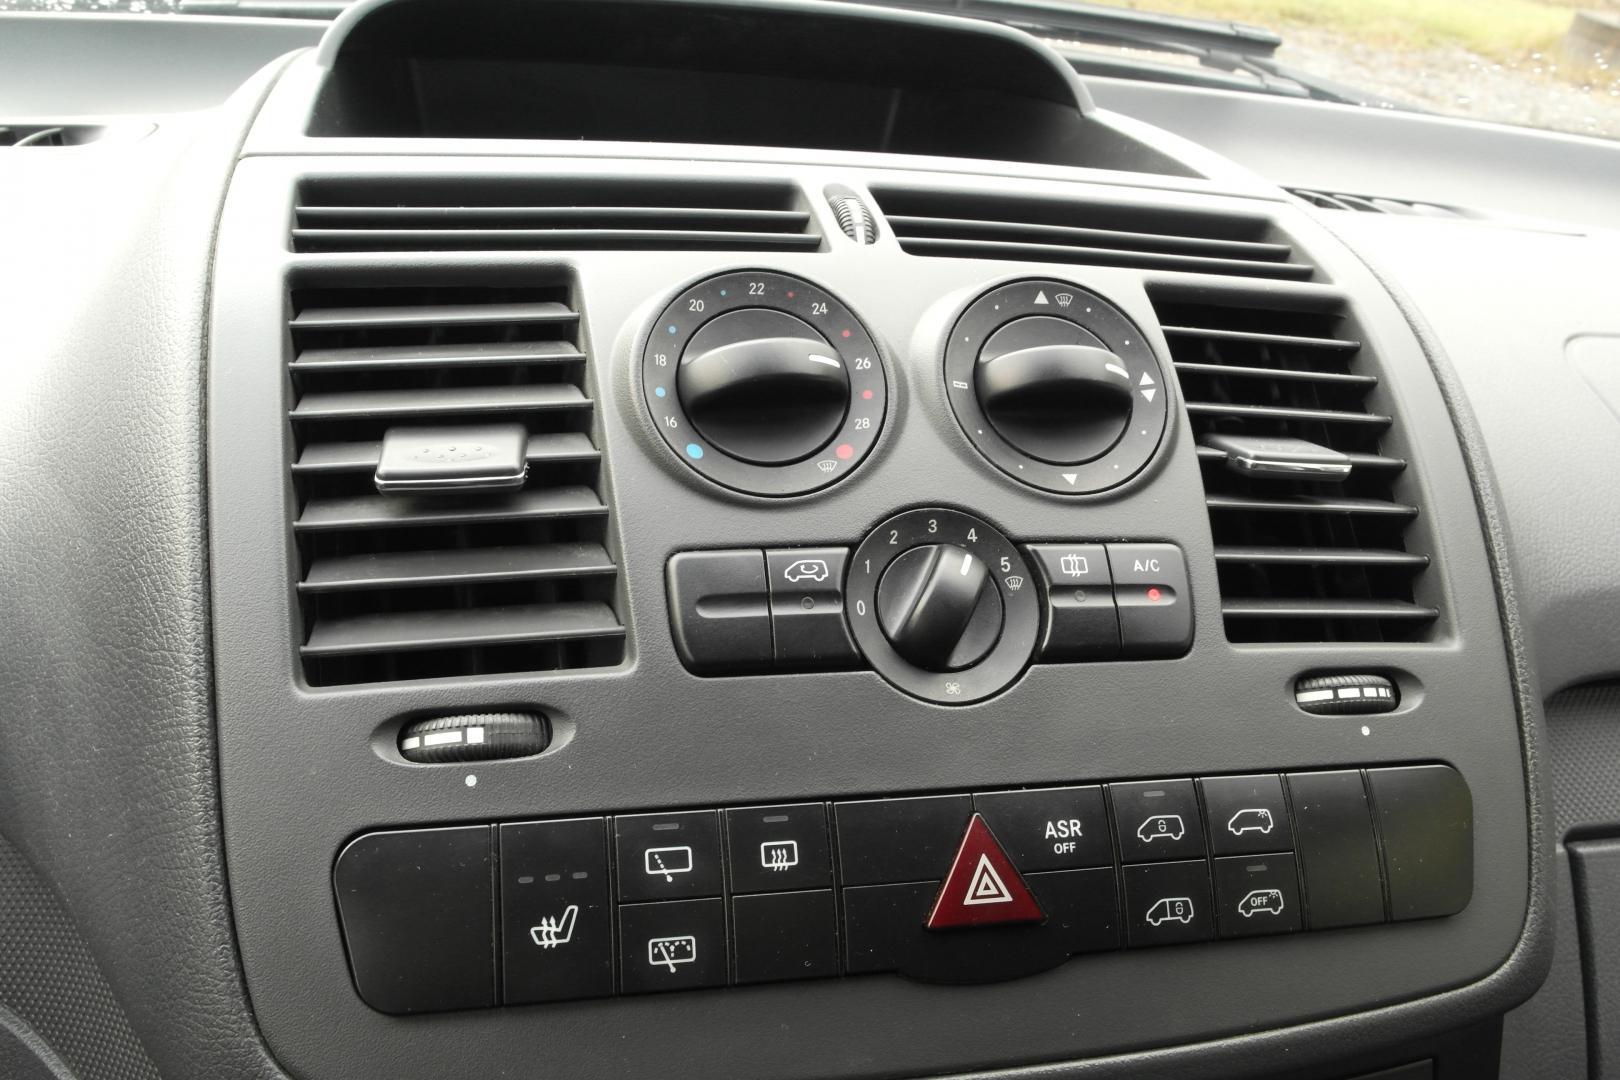 Mercedes-Benz Vito, 116CDI 4X4 AUTOMAATTI KAUKOWEBASTO VETOKOUKKU SIS 24% ALV